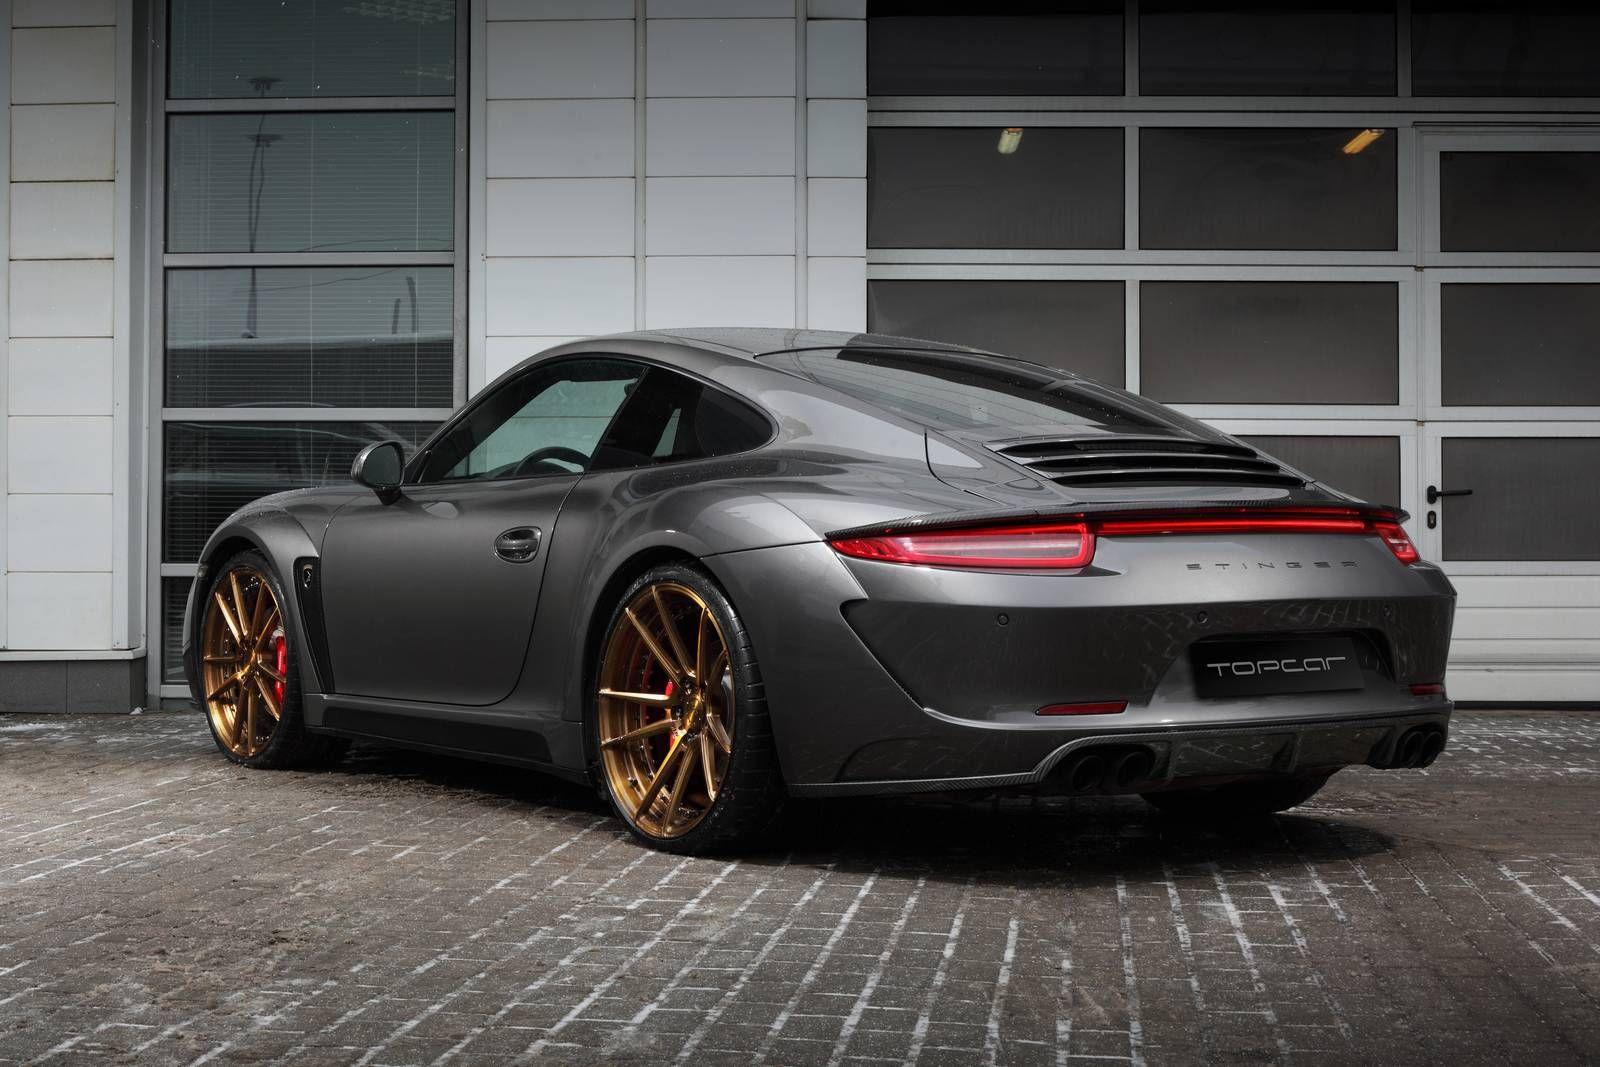 Porsche Carrera 4s Stinger By Topcar Gtspirit Porsche Carrera Porsche Porsche 911 Carrera 4s